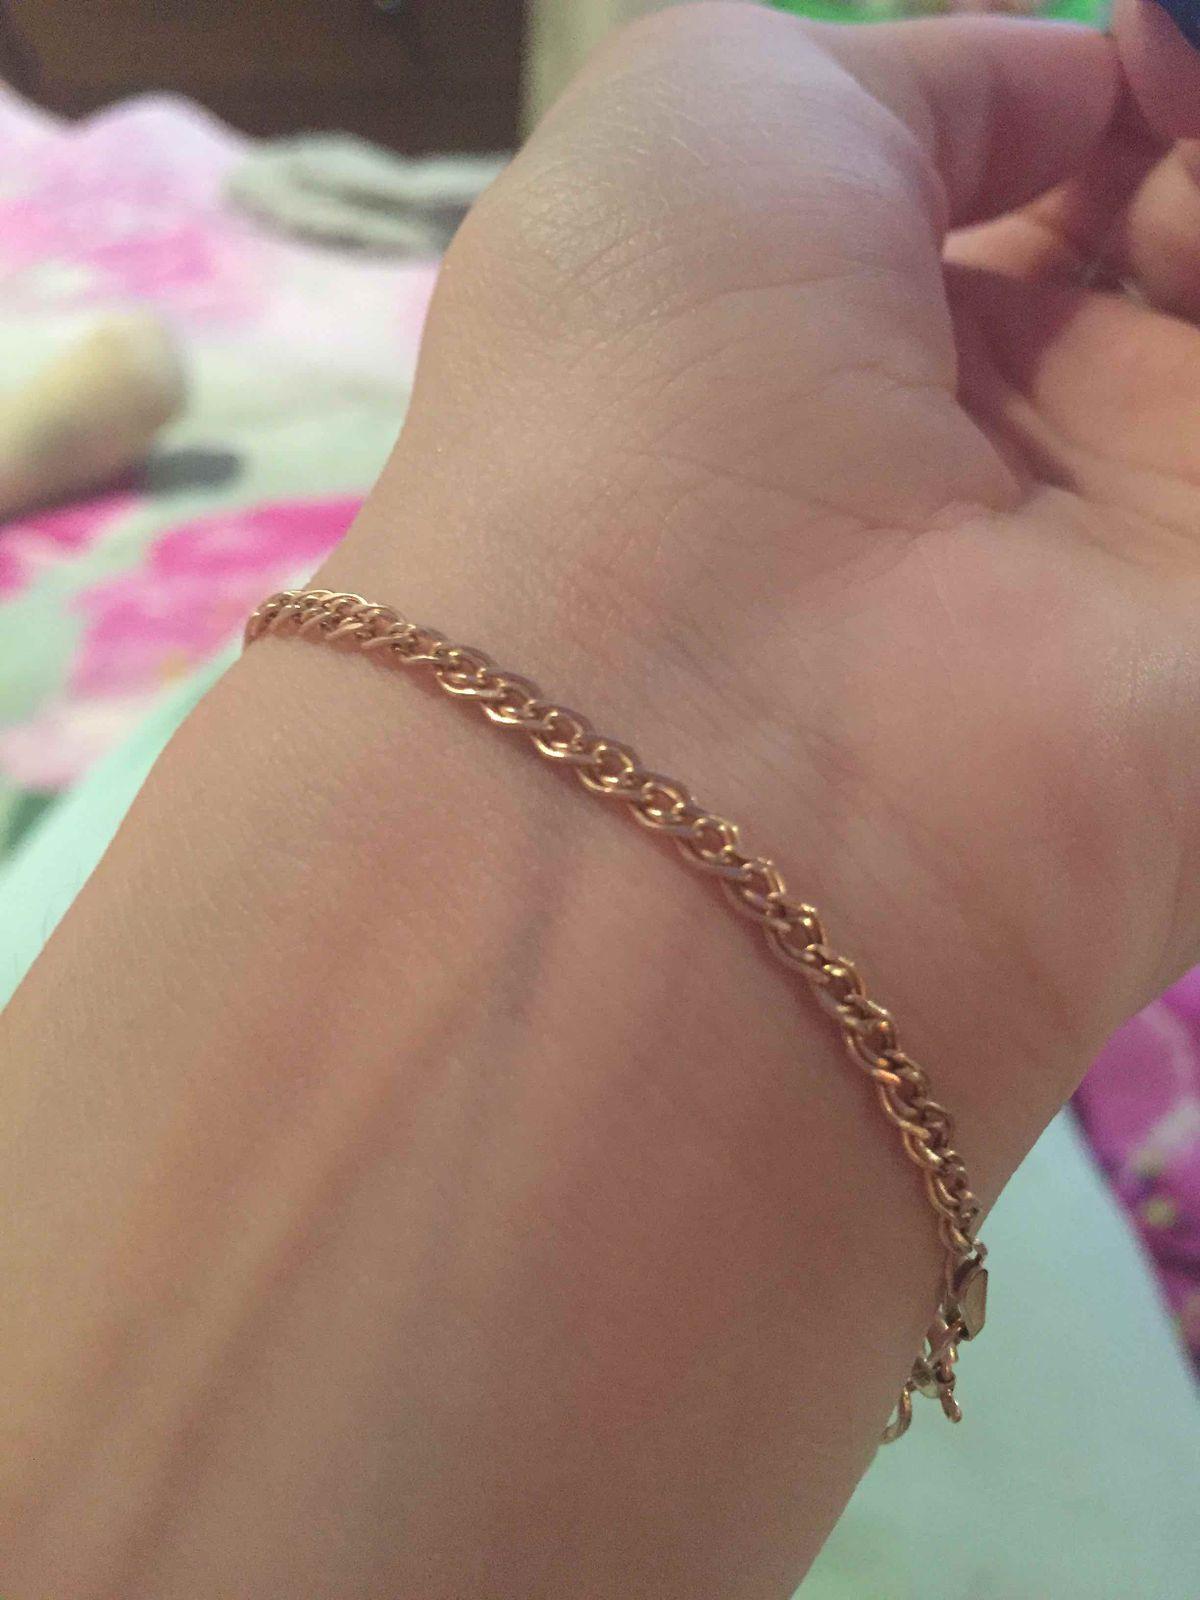 Очень красивый  браслет ,очень аккуратно смотрется на руке ,рада покупке ))